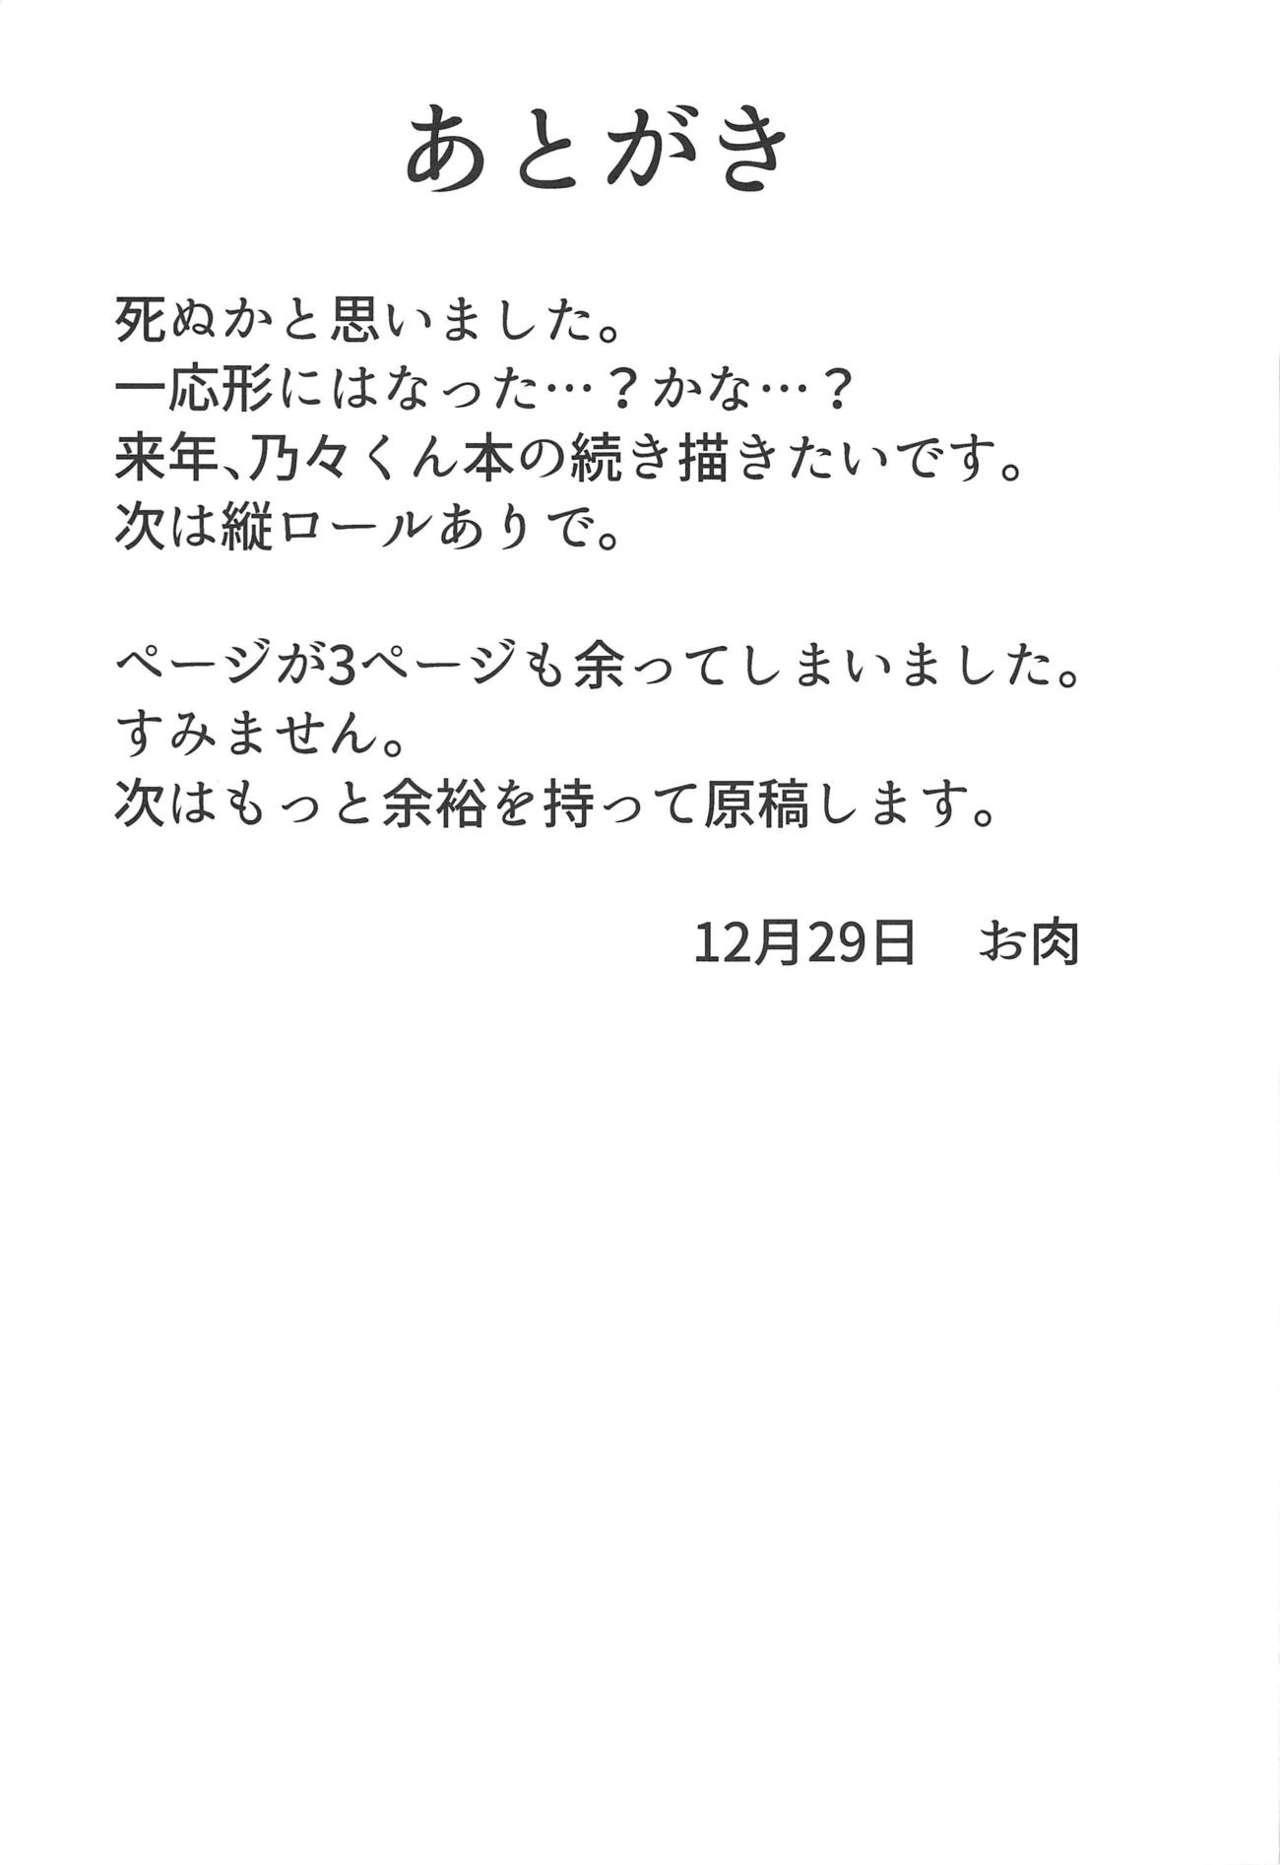 Morikubo Ecchi's Night 21